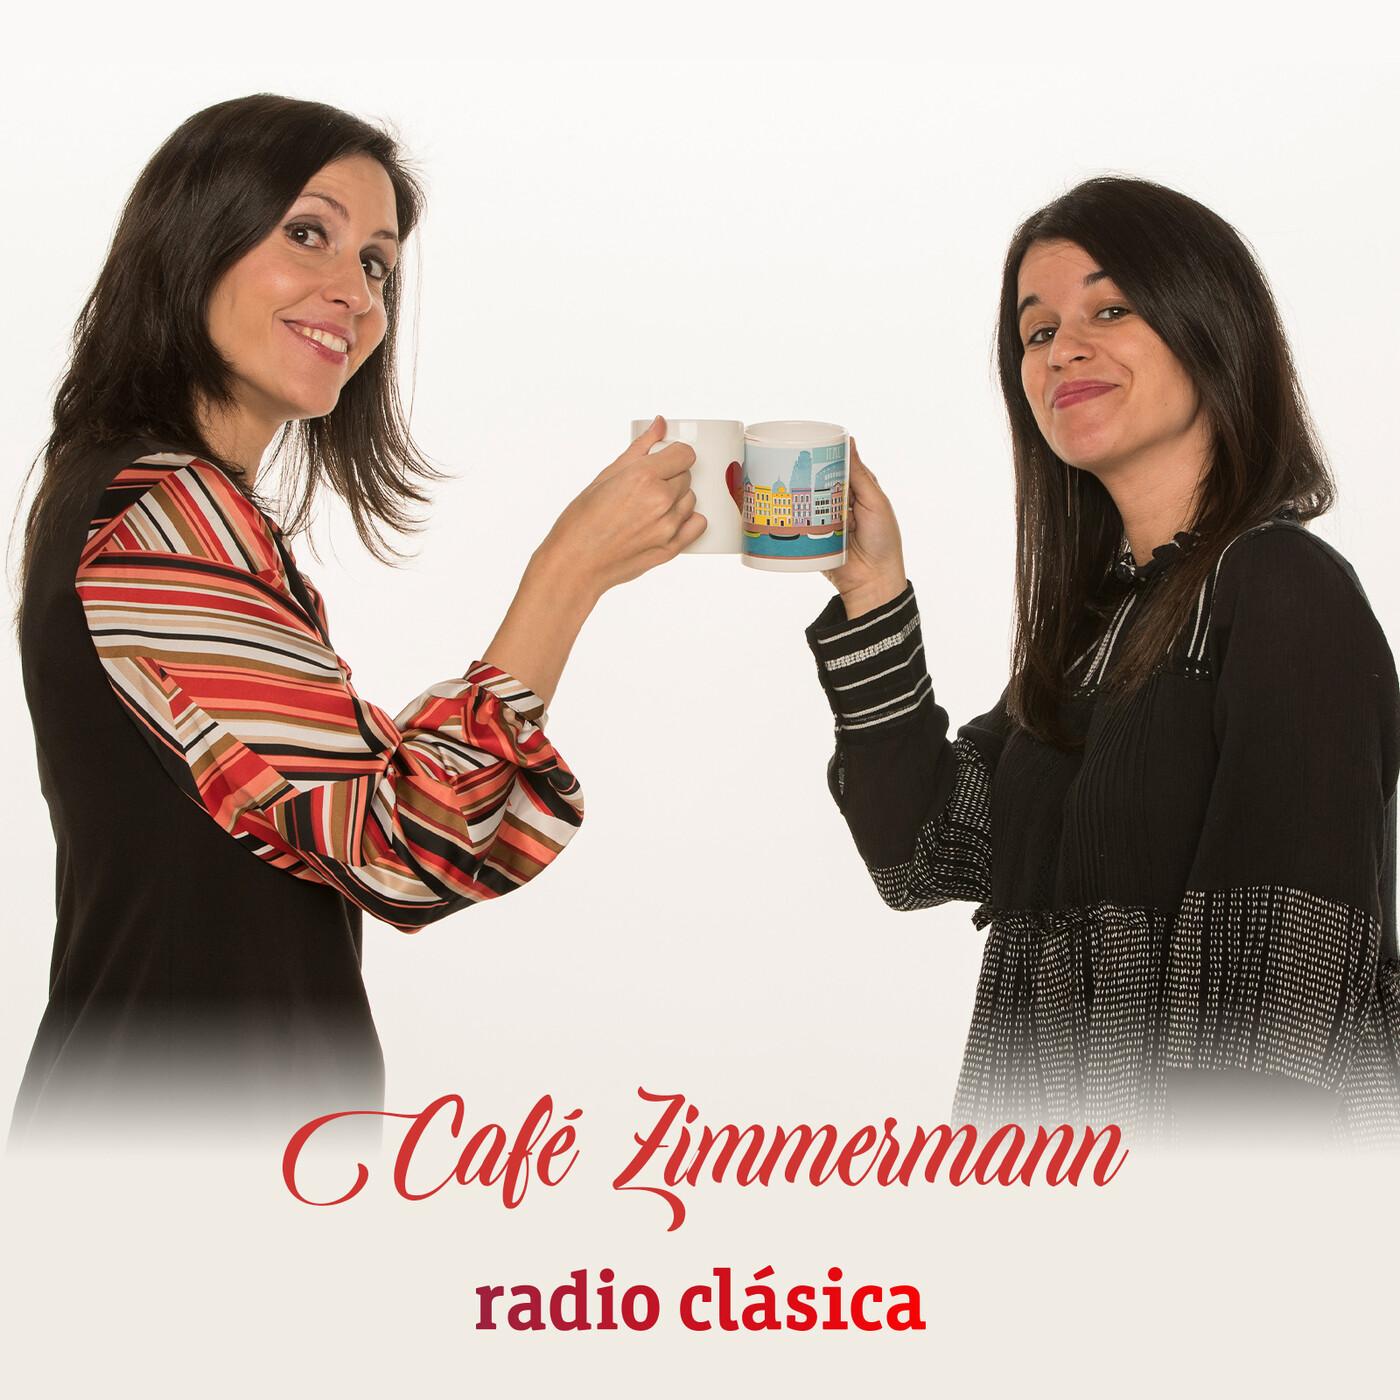 Café Zimmermann - El reino de lo ideal - 19/10/20